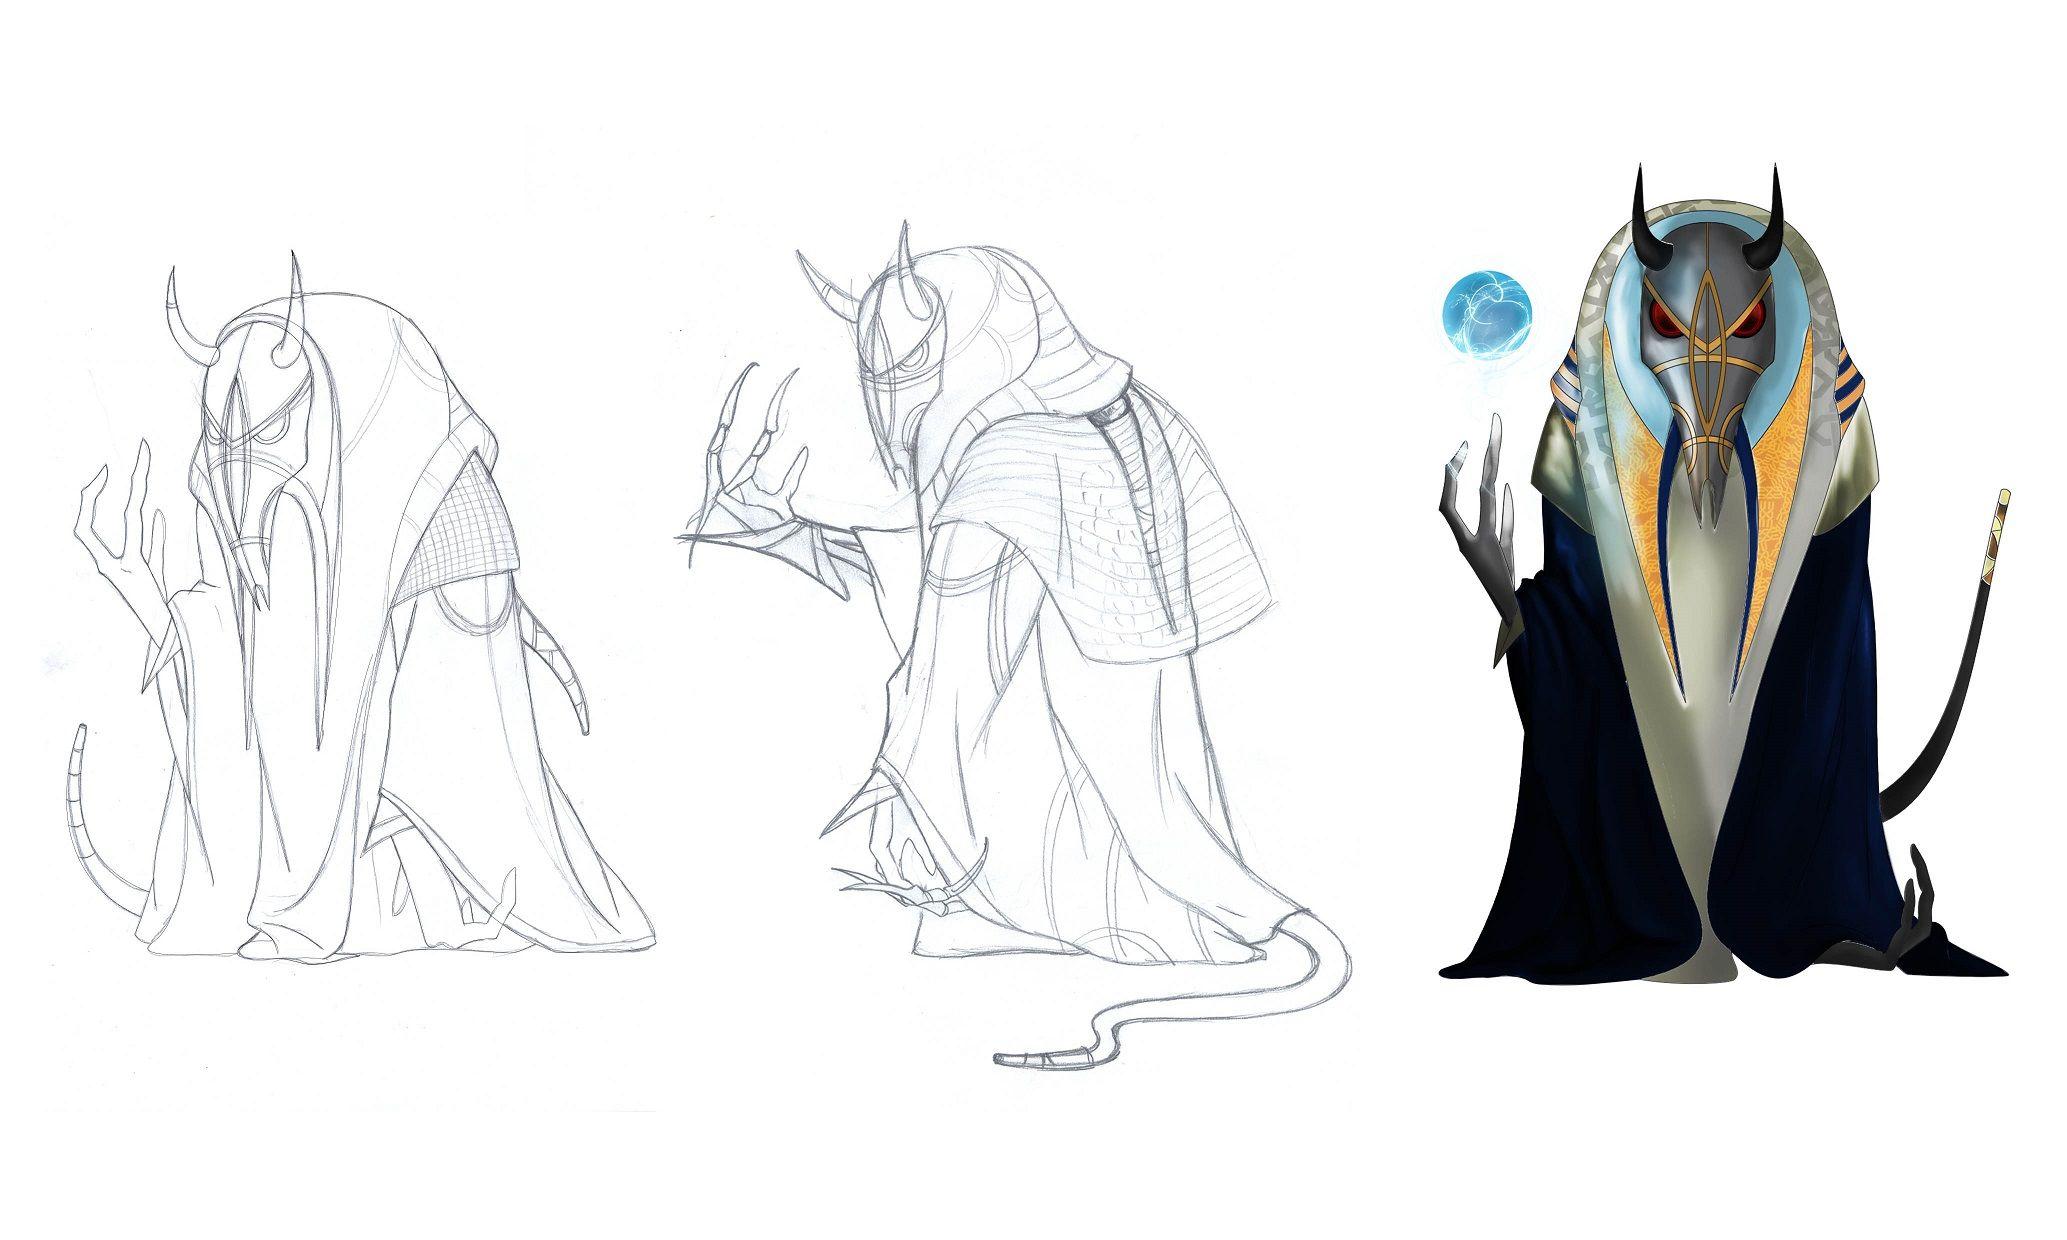 Нужен скетч персонажа для игры - дизайнер La_persona